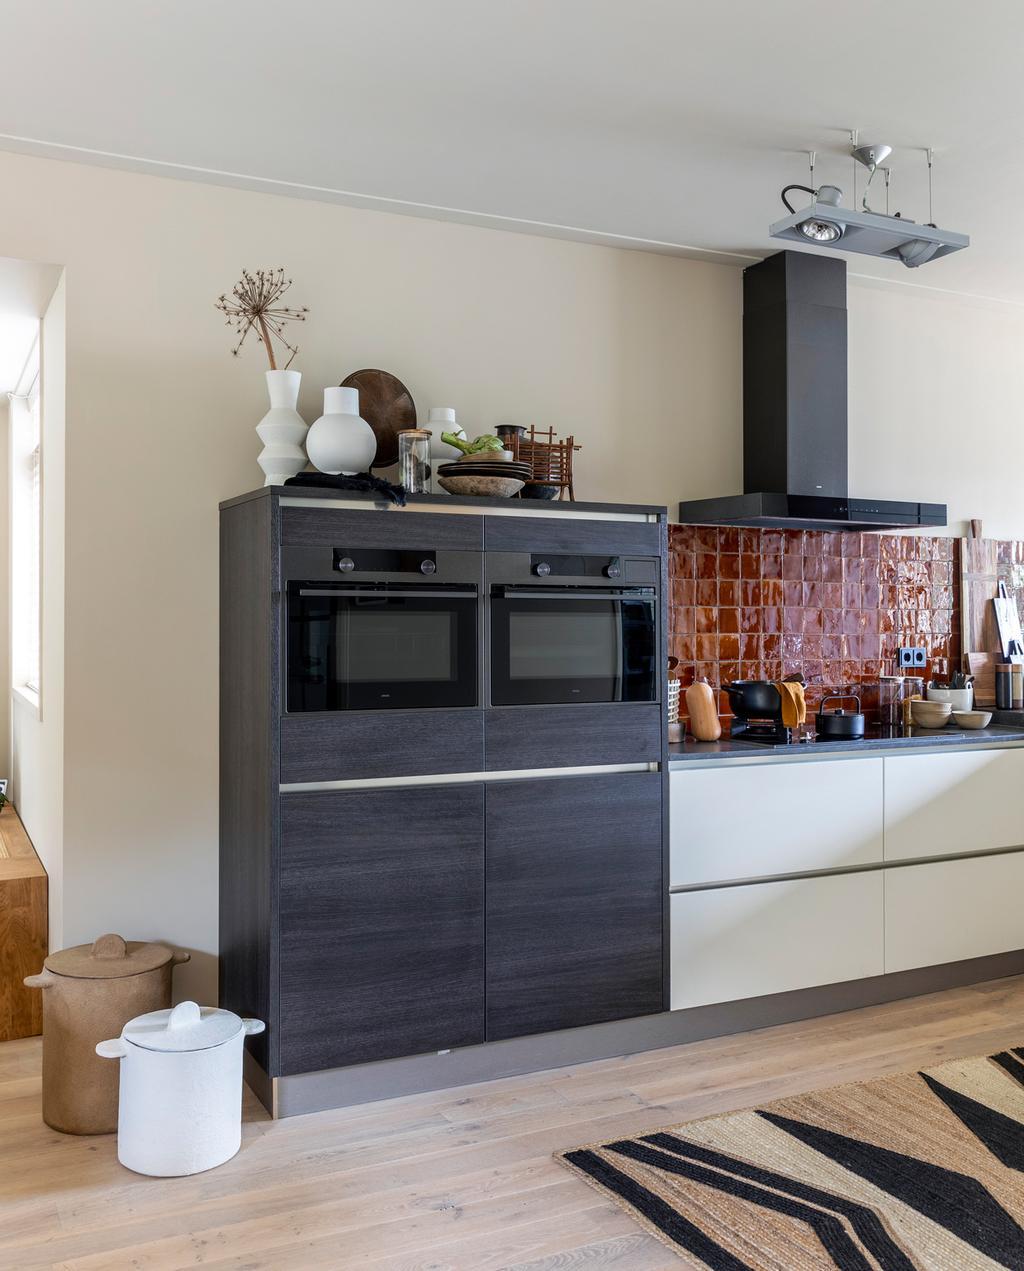 vtwonen weer verliefd op je huis | aflevering 10 seizoen 13 | Stylist Liza in Utrecht